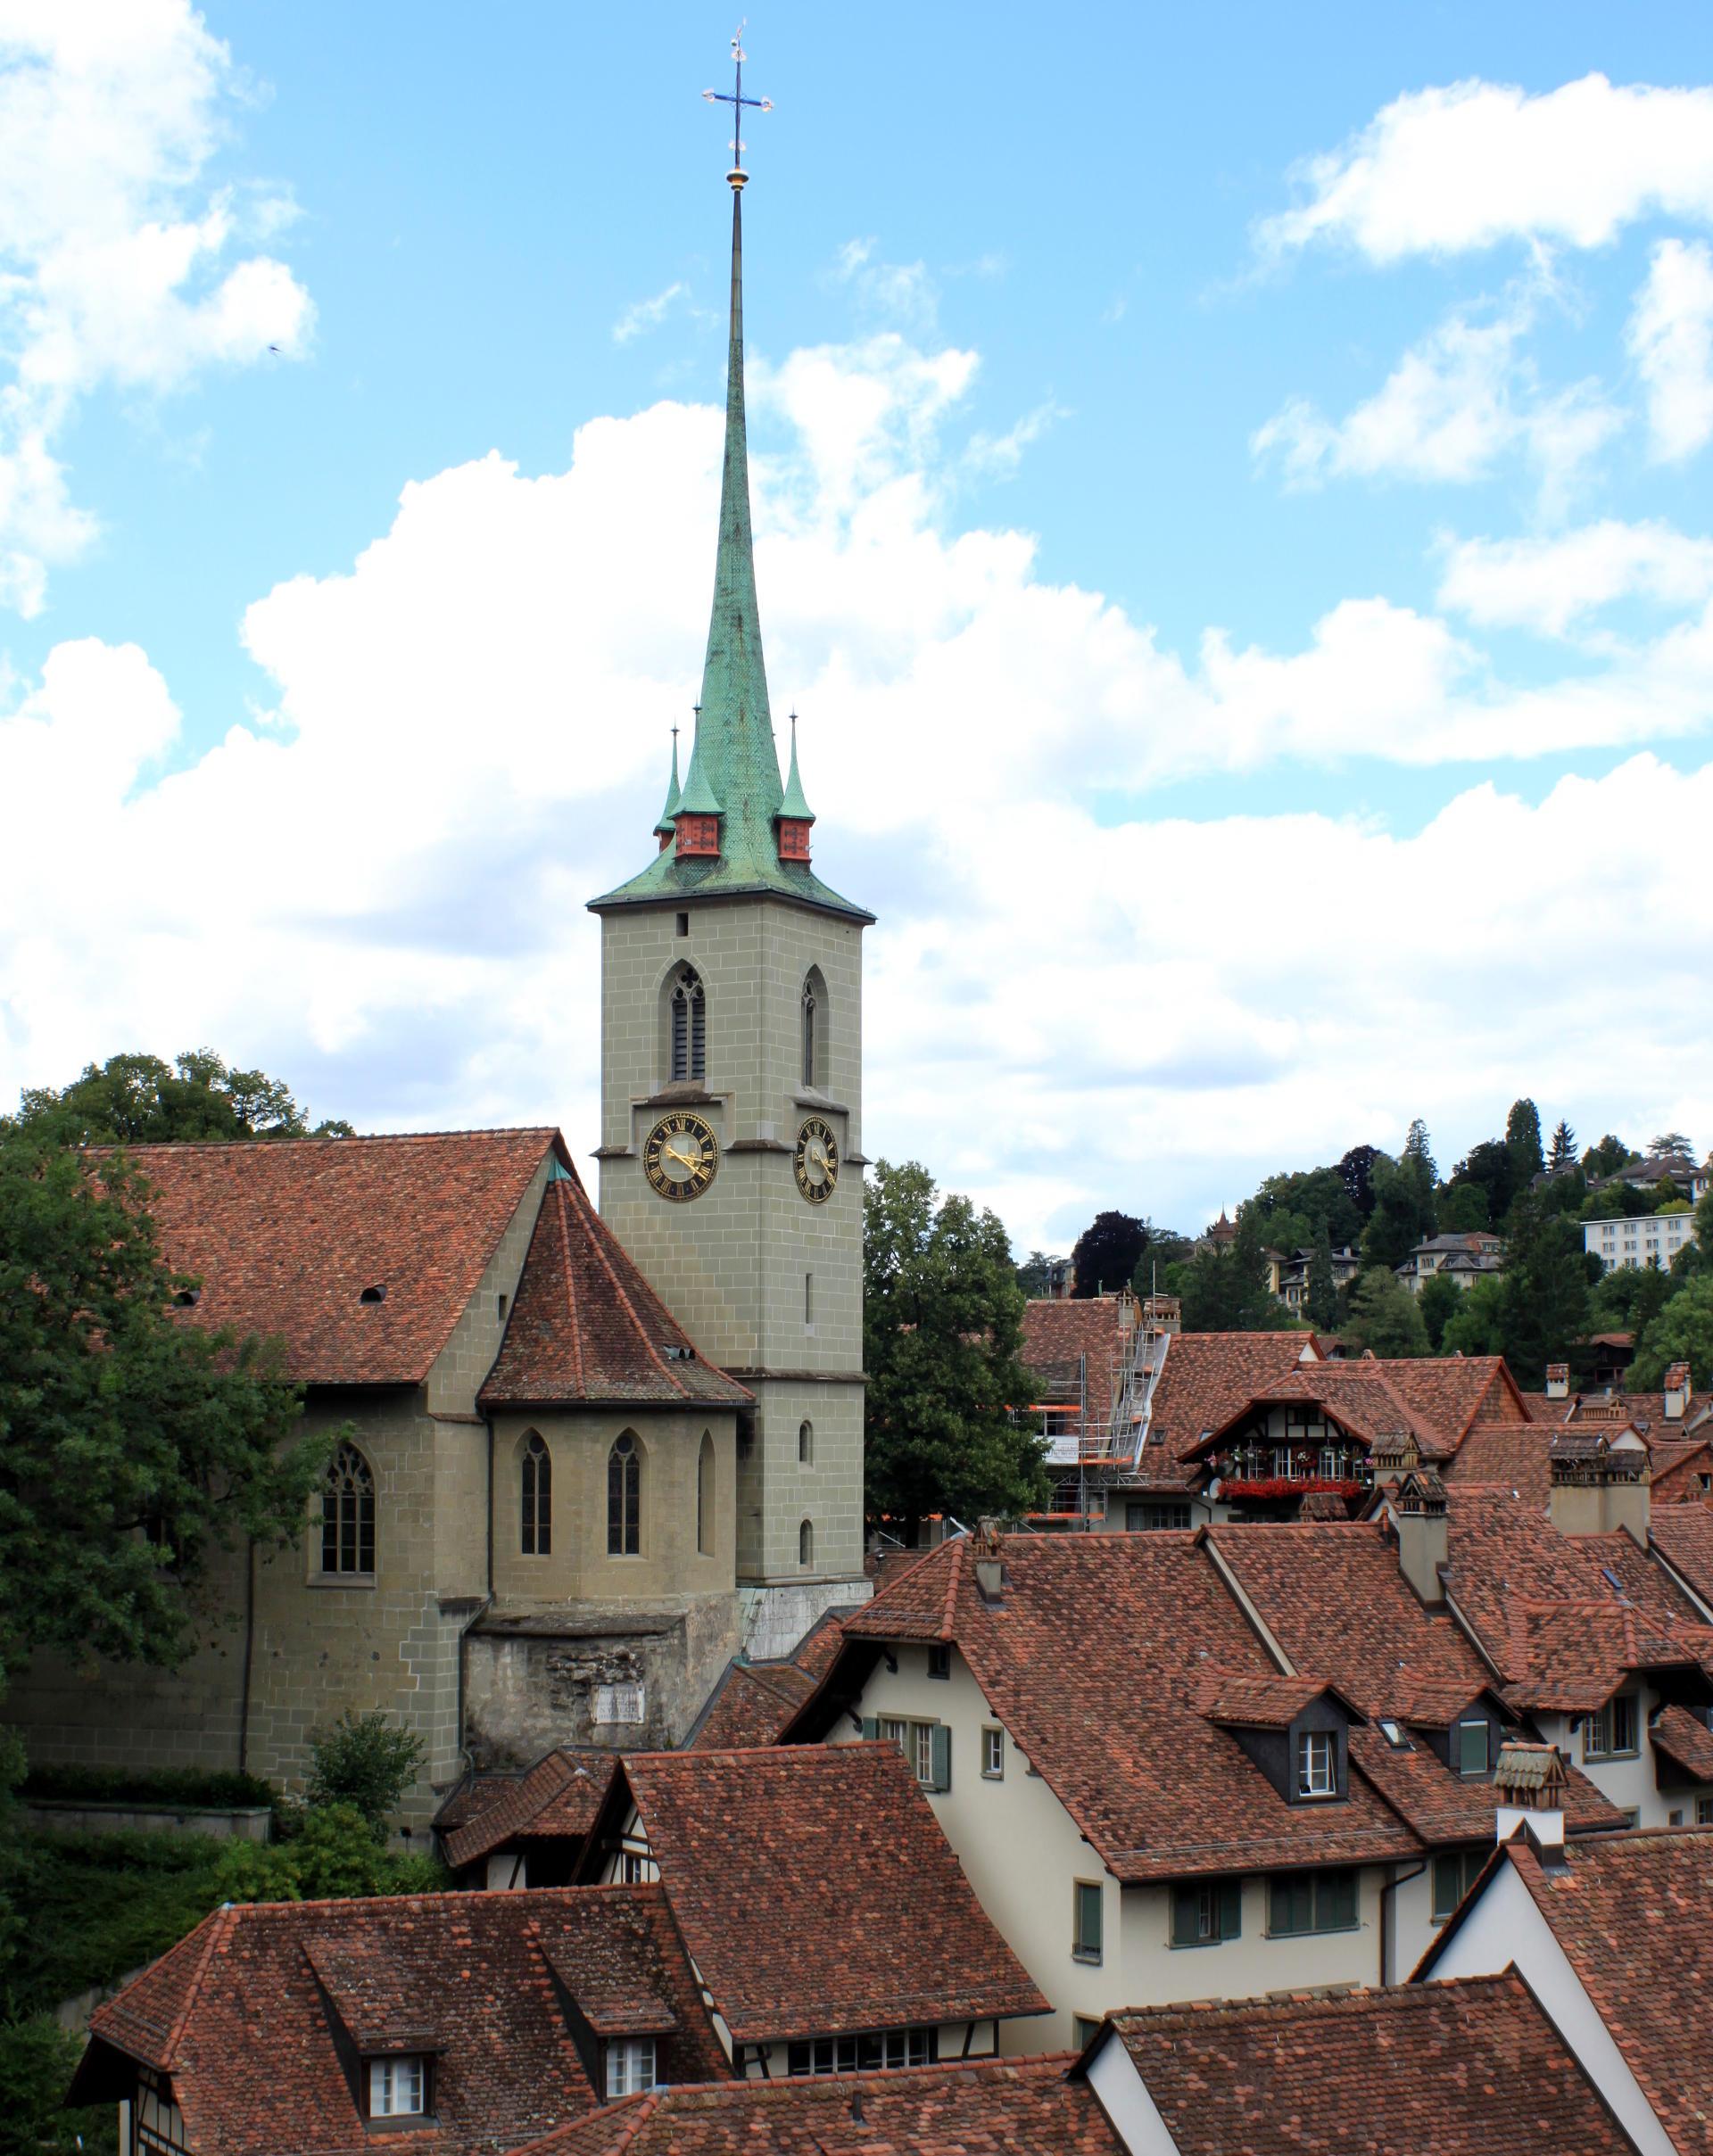 szwajcaria berno bern widok kamienice dachy staremiasto stolica iglawpodrozy